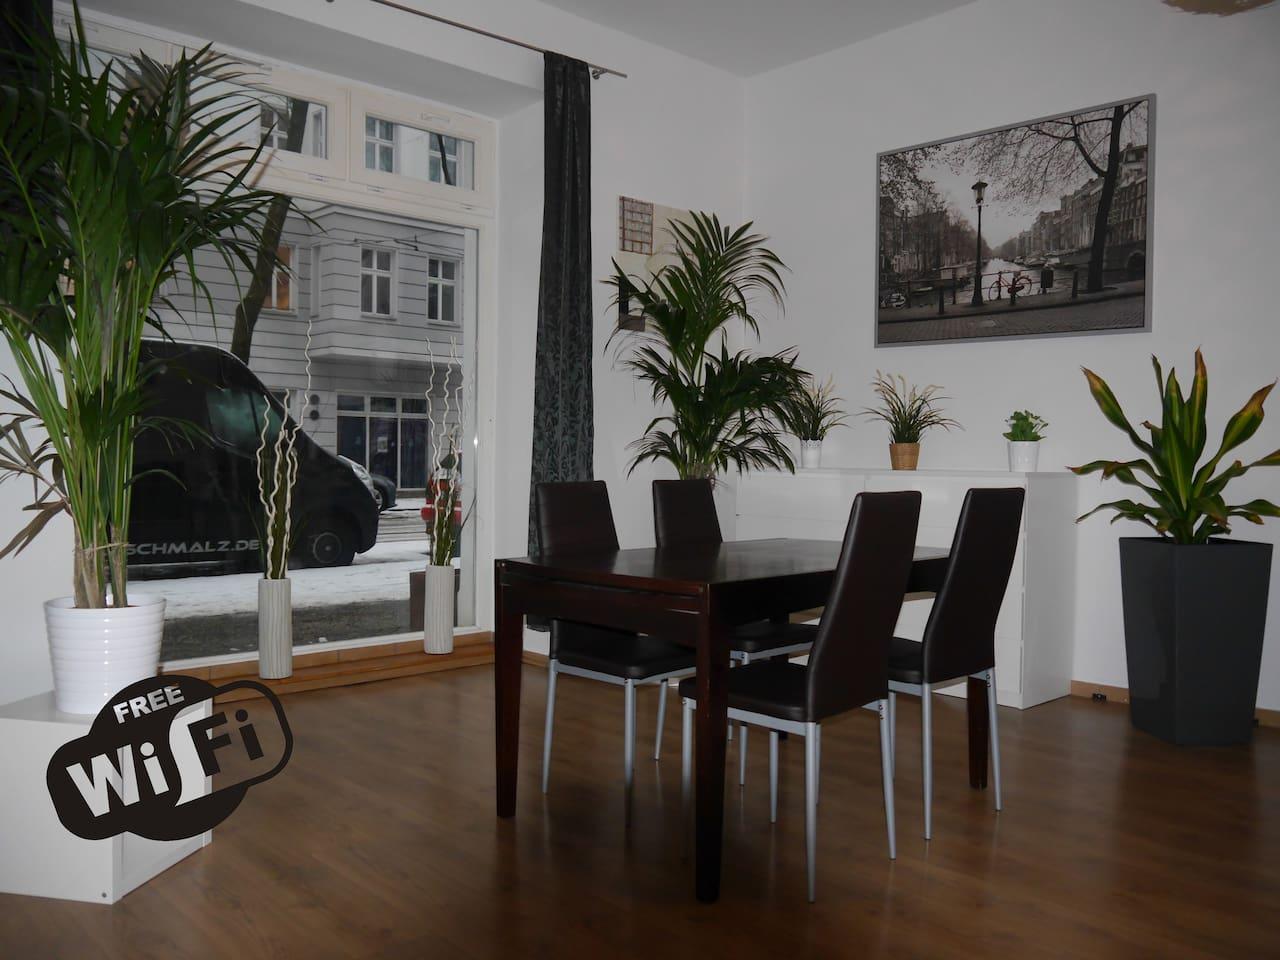 Müggelstraße Berlin müggelstraße 11a apartments for rent in berlin berlin germany